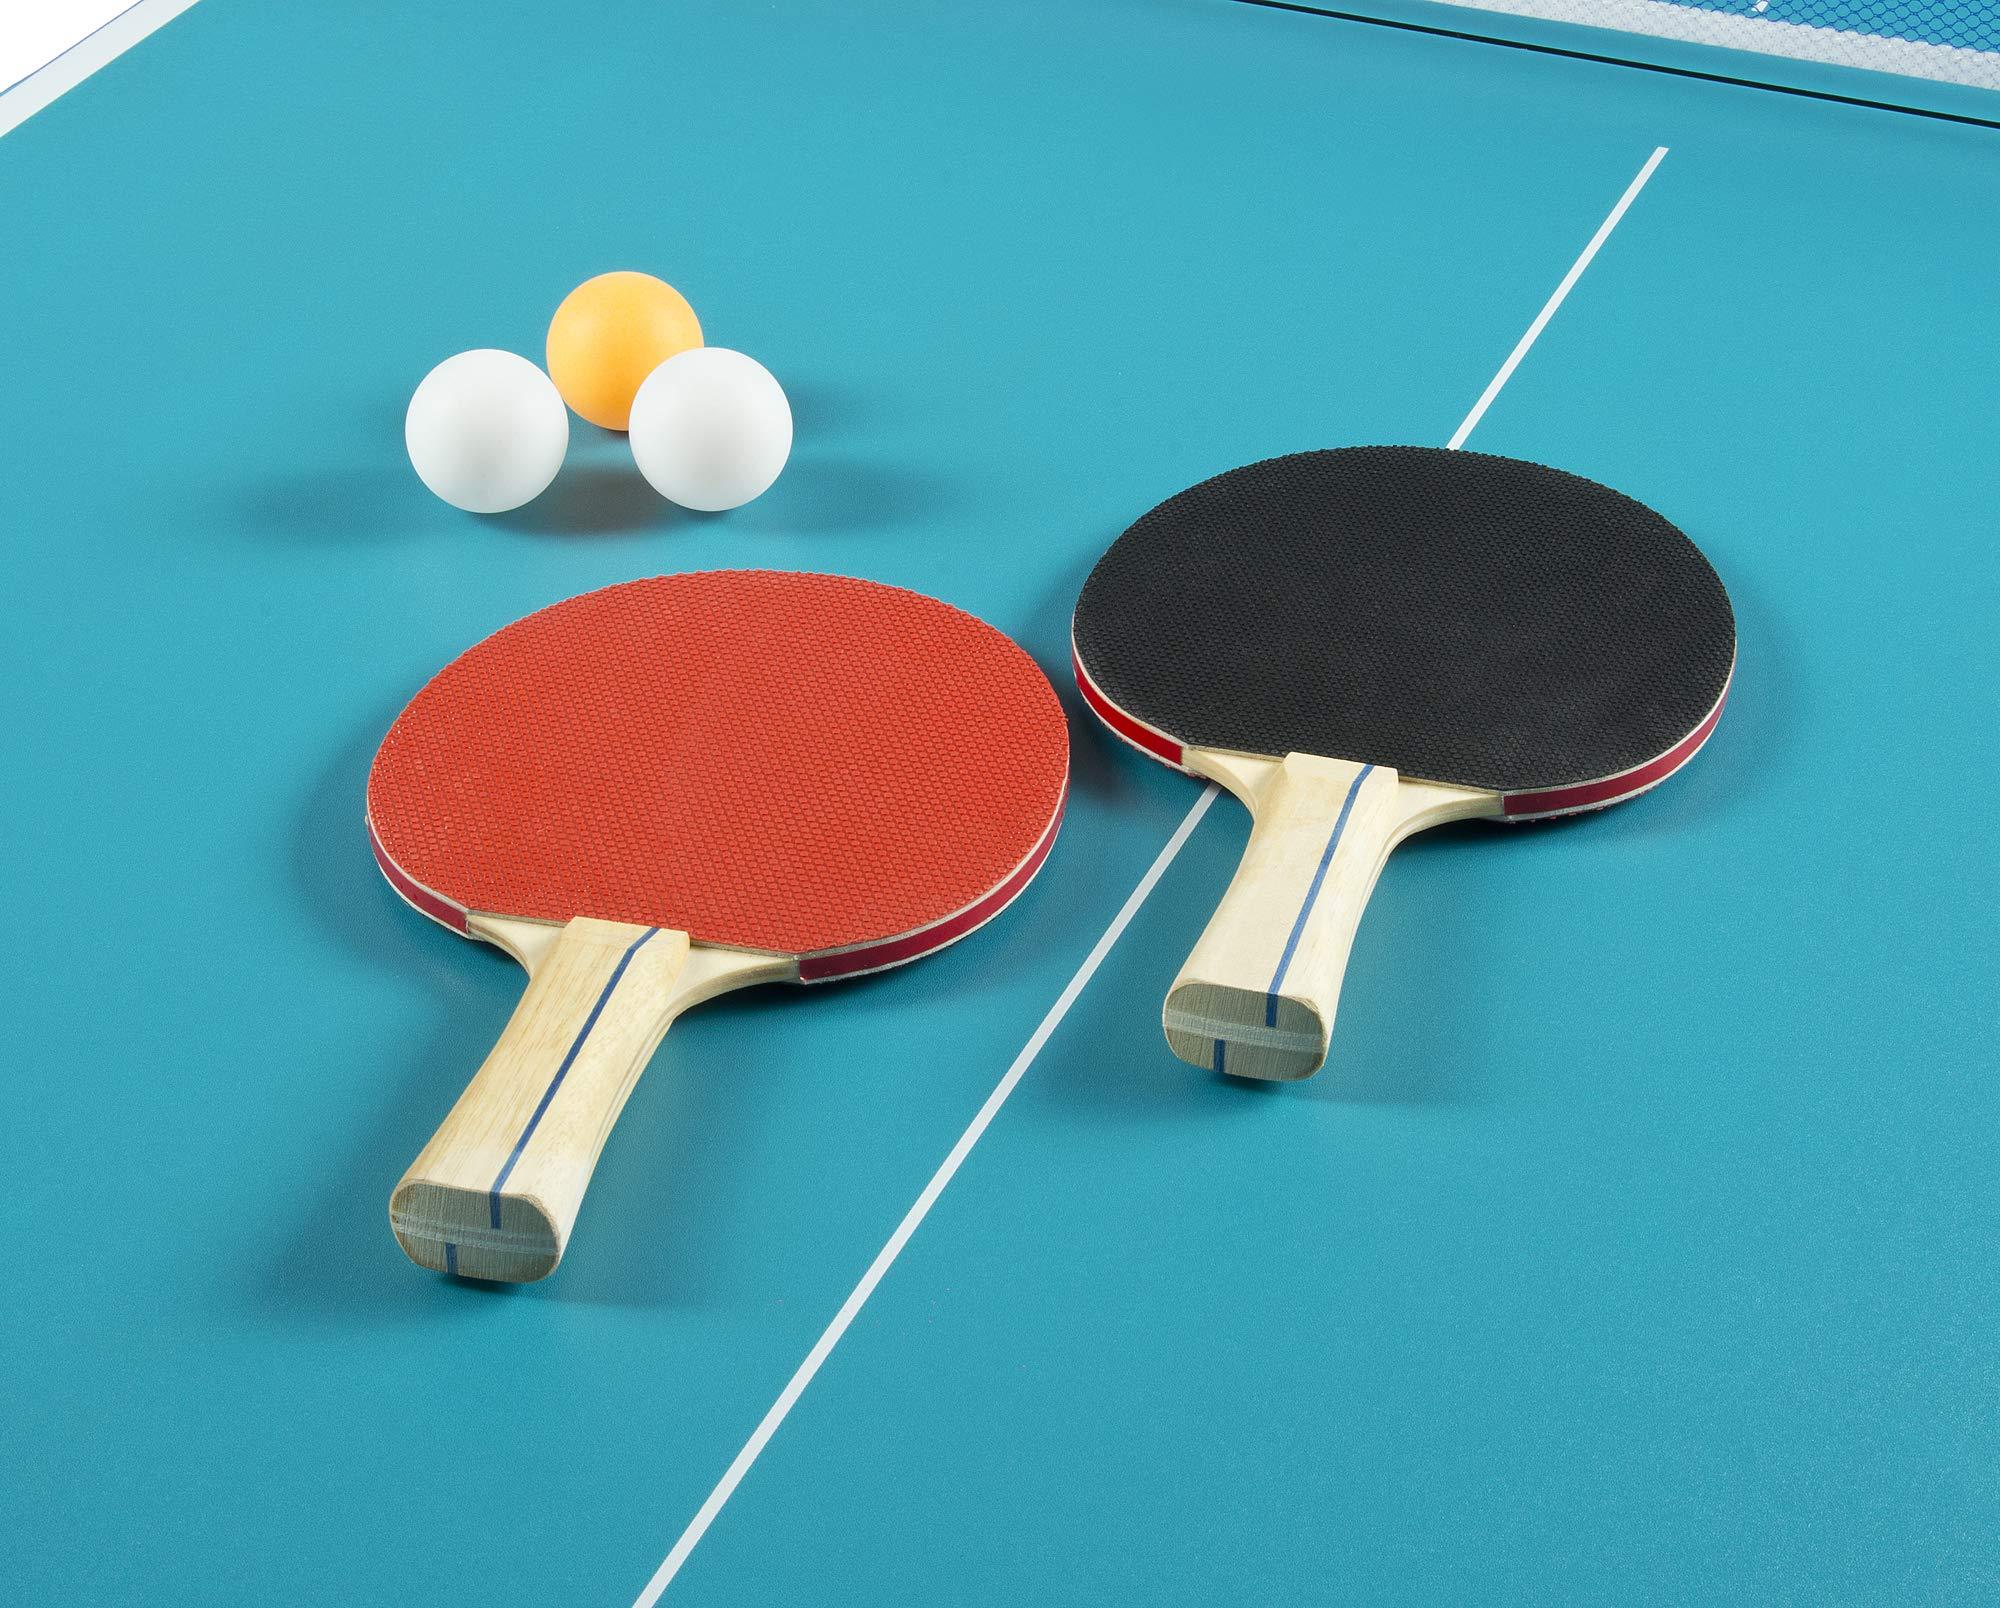 Leomark Compact Table Tennis Mesa de Ping-Pong, Plegable Exterior Portatil fácil Montaje y Transporte Pelotas y Raquetas, para Uso en Interiores, para Adulto y niños en Color Azul, 182,5x91x76cm (A): Amazon.es: Deportes